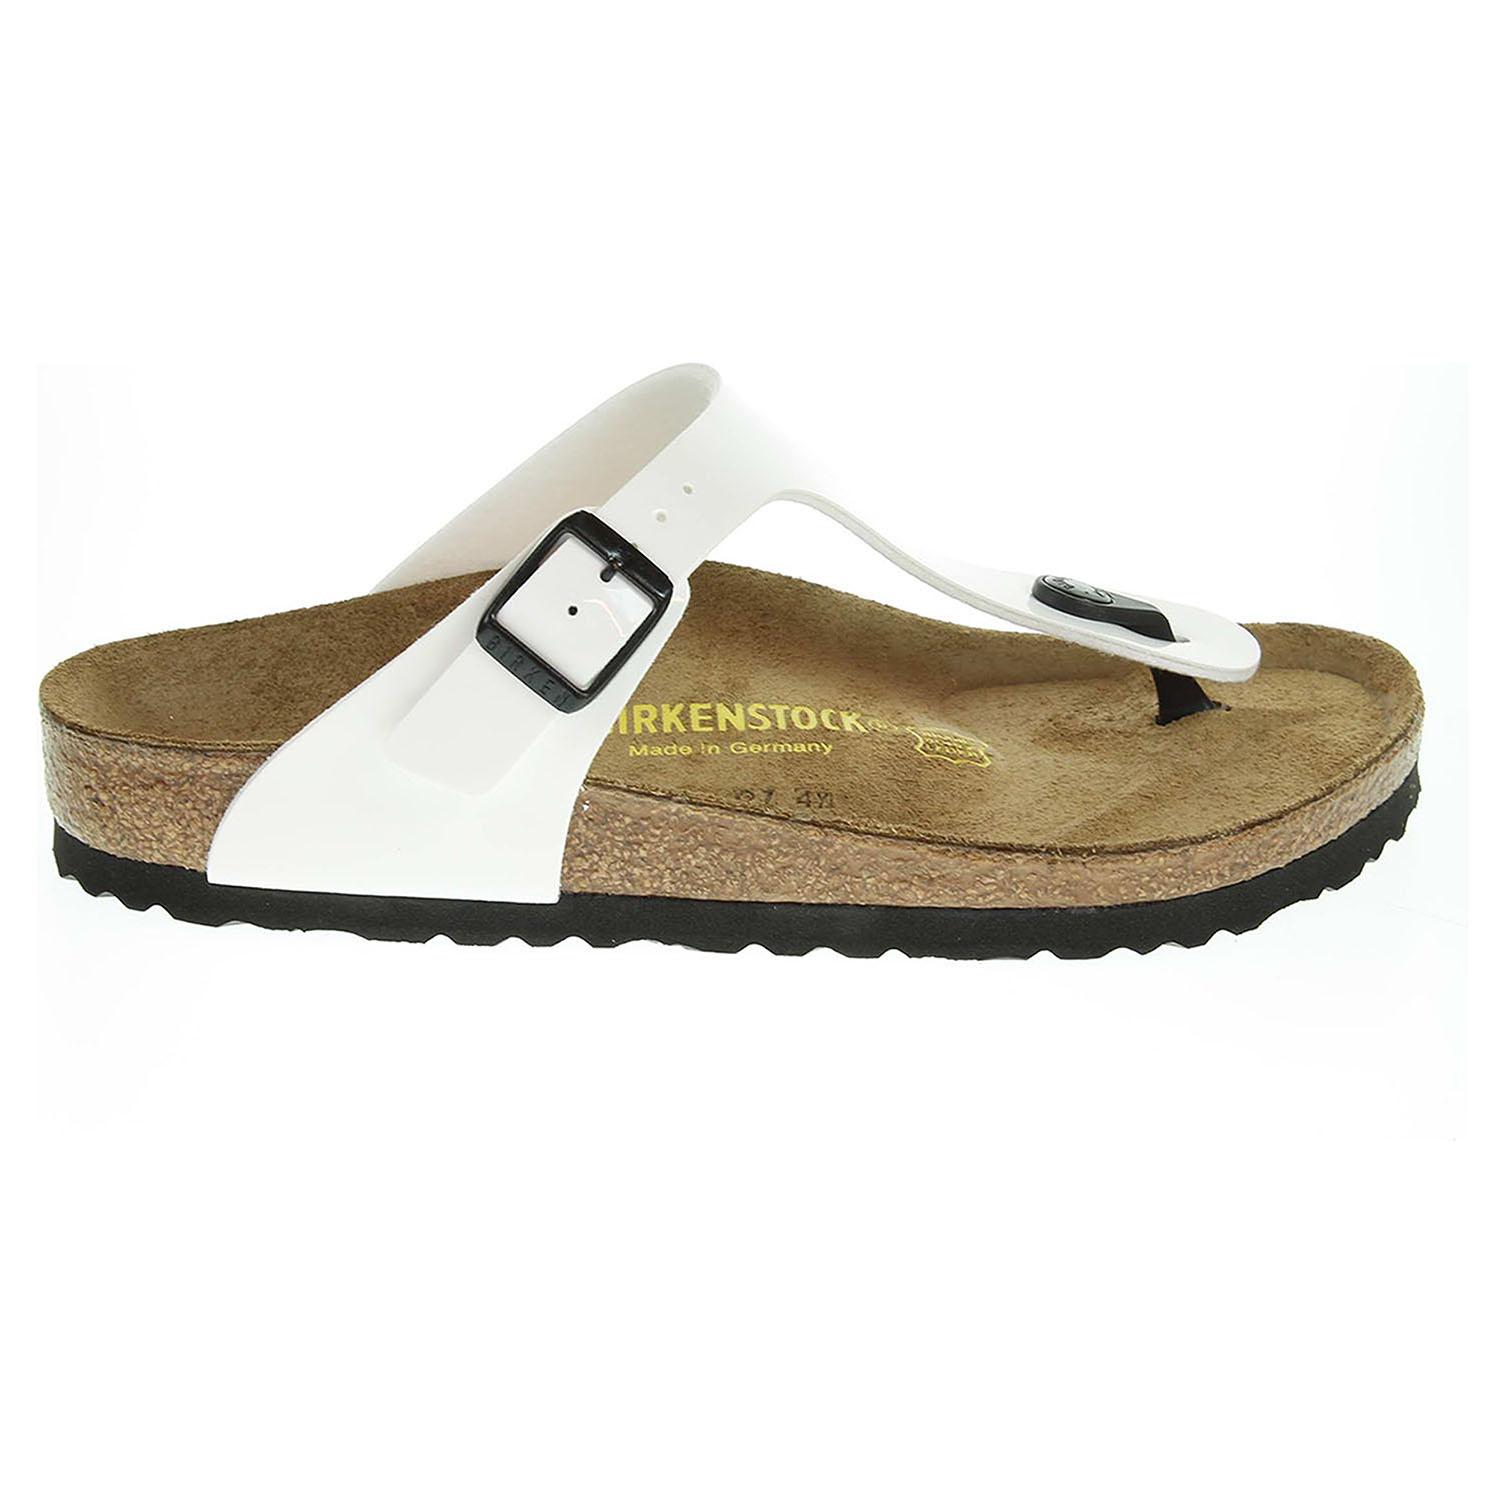 Birkenstock Gizeh dámské pantofle 543761 bílé 41